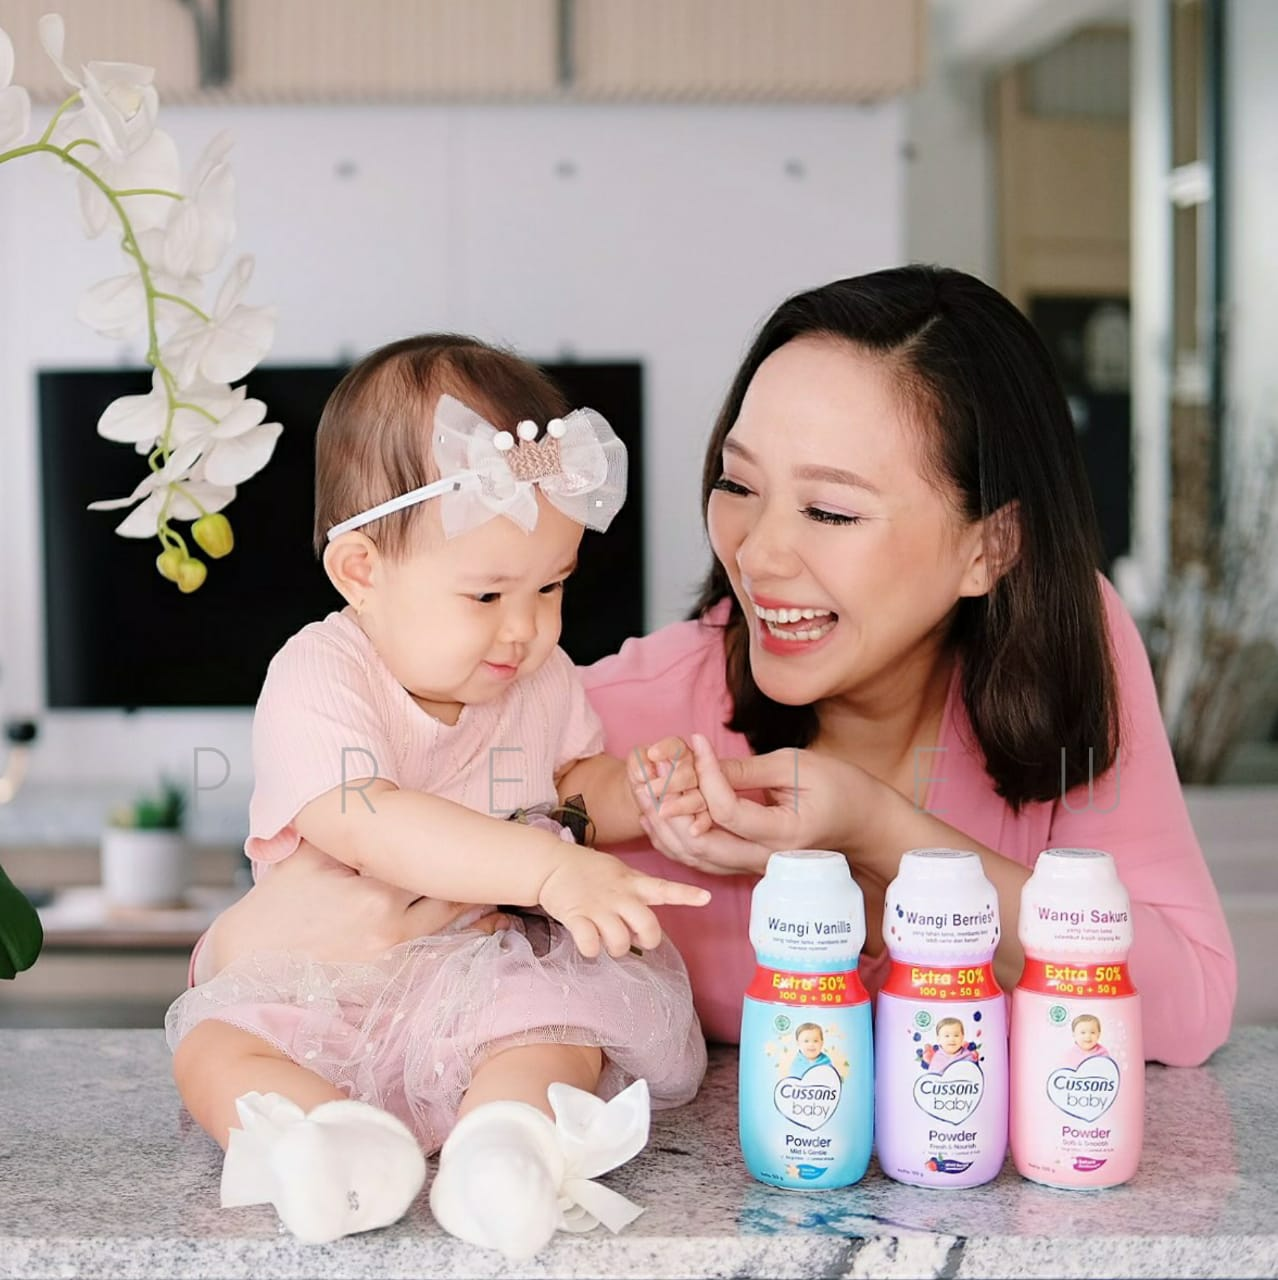 Cusson baby powder